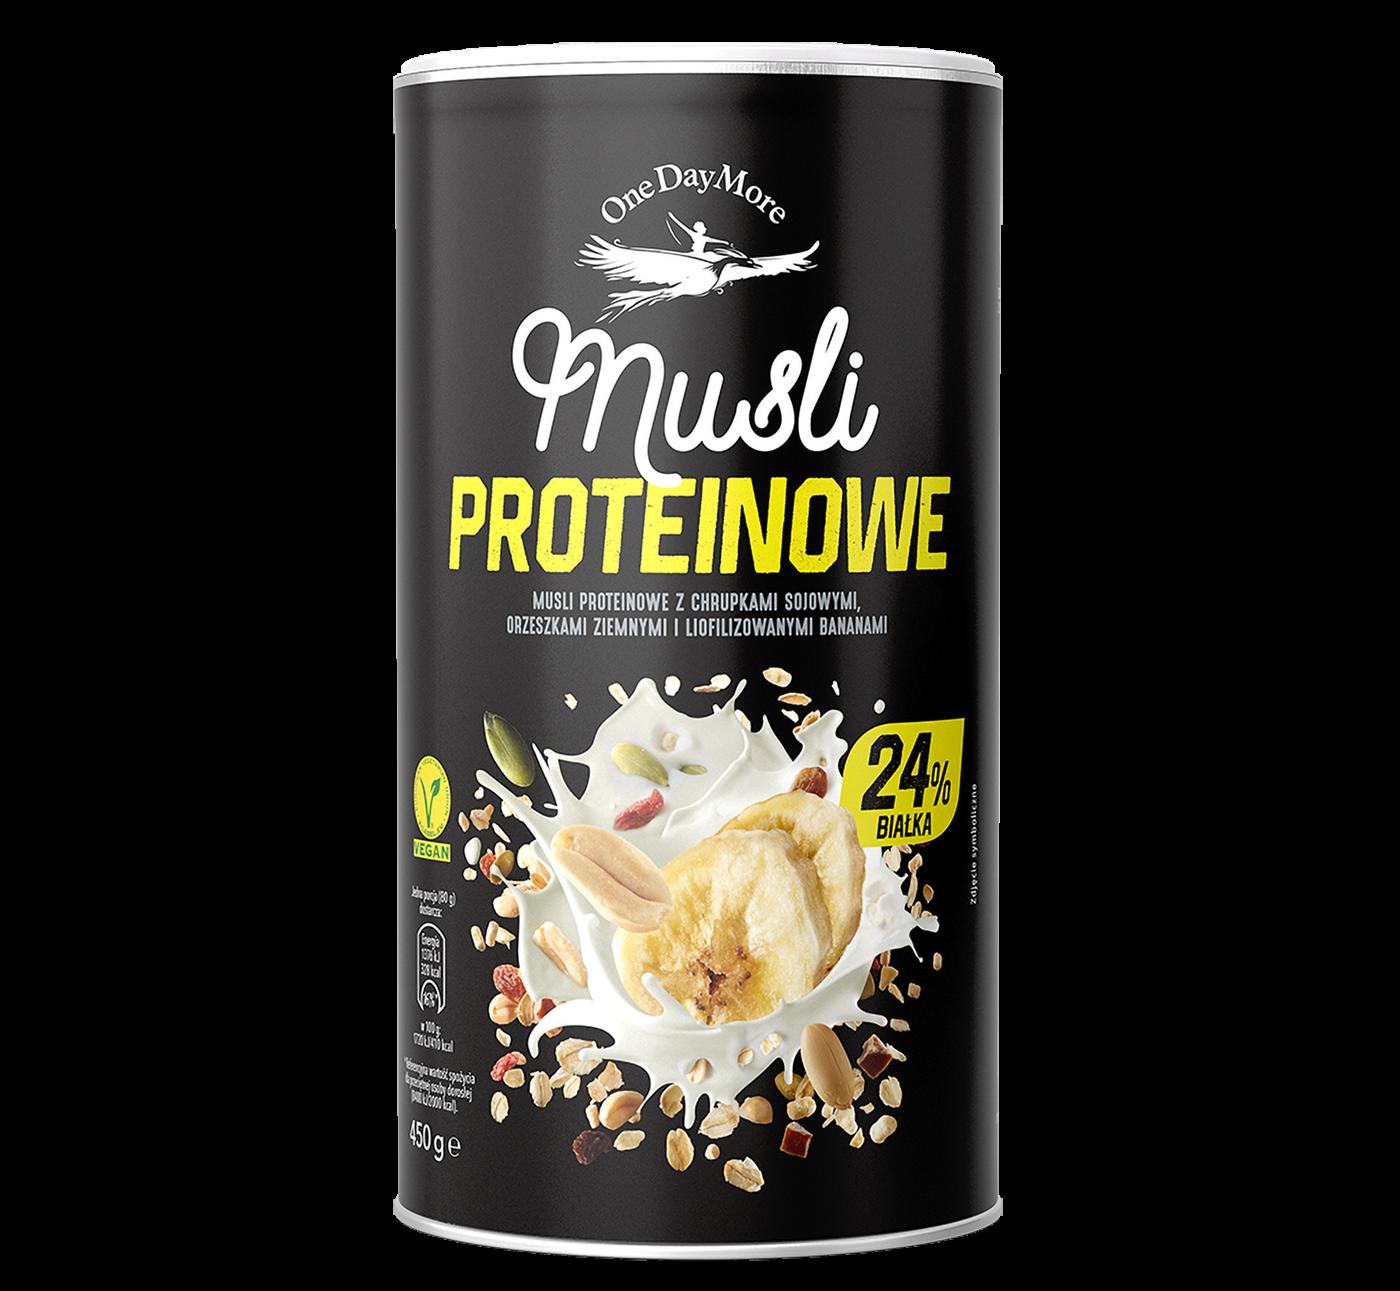 Musli Proteinowe OneDayMore